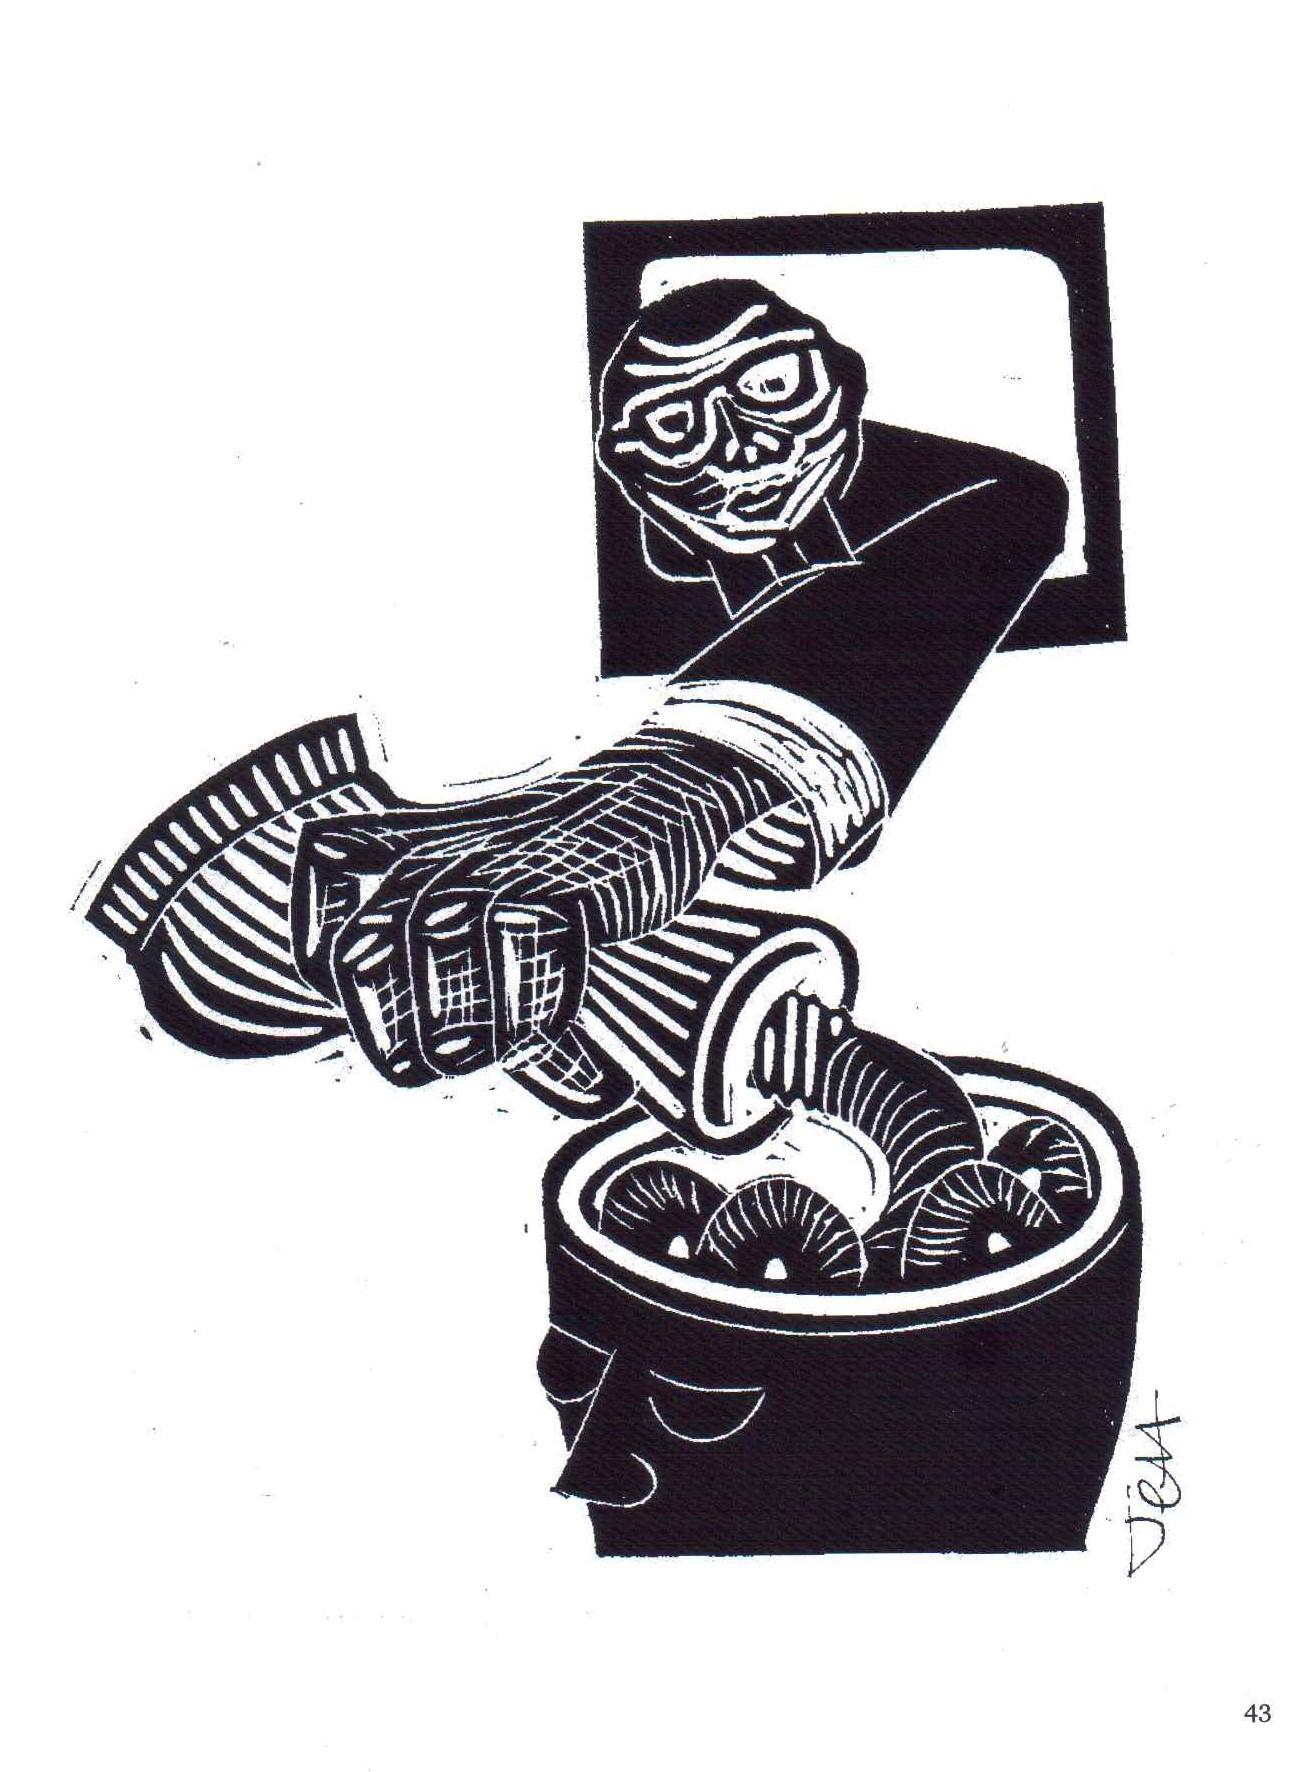 Jeff Perks. Iraq. Fill Her Up! Linocut. 30x20cm